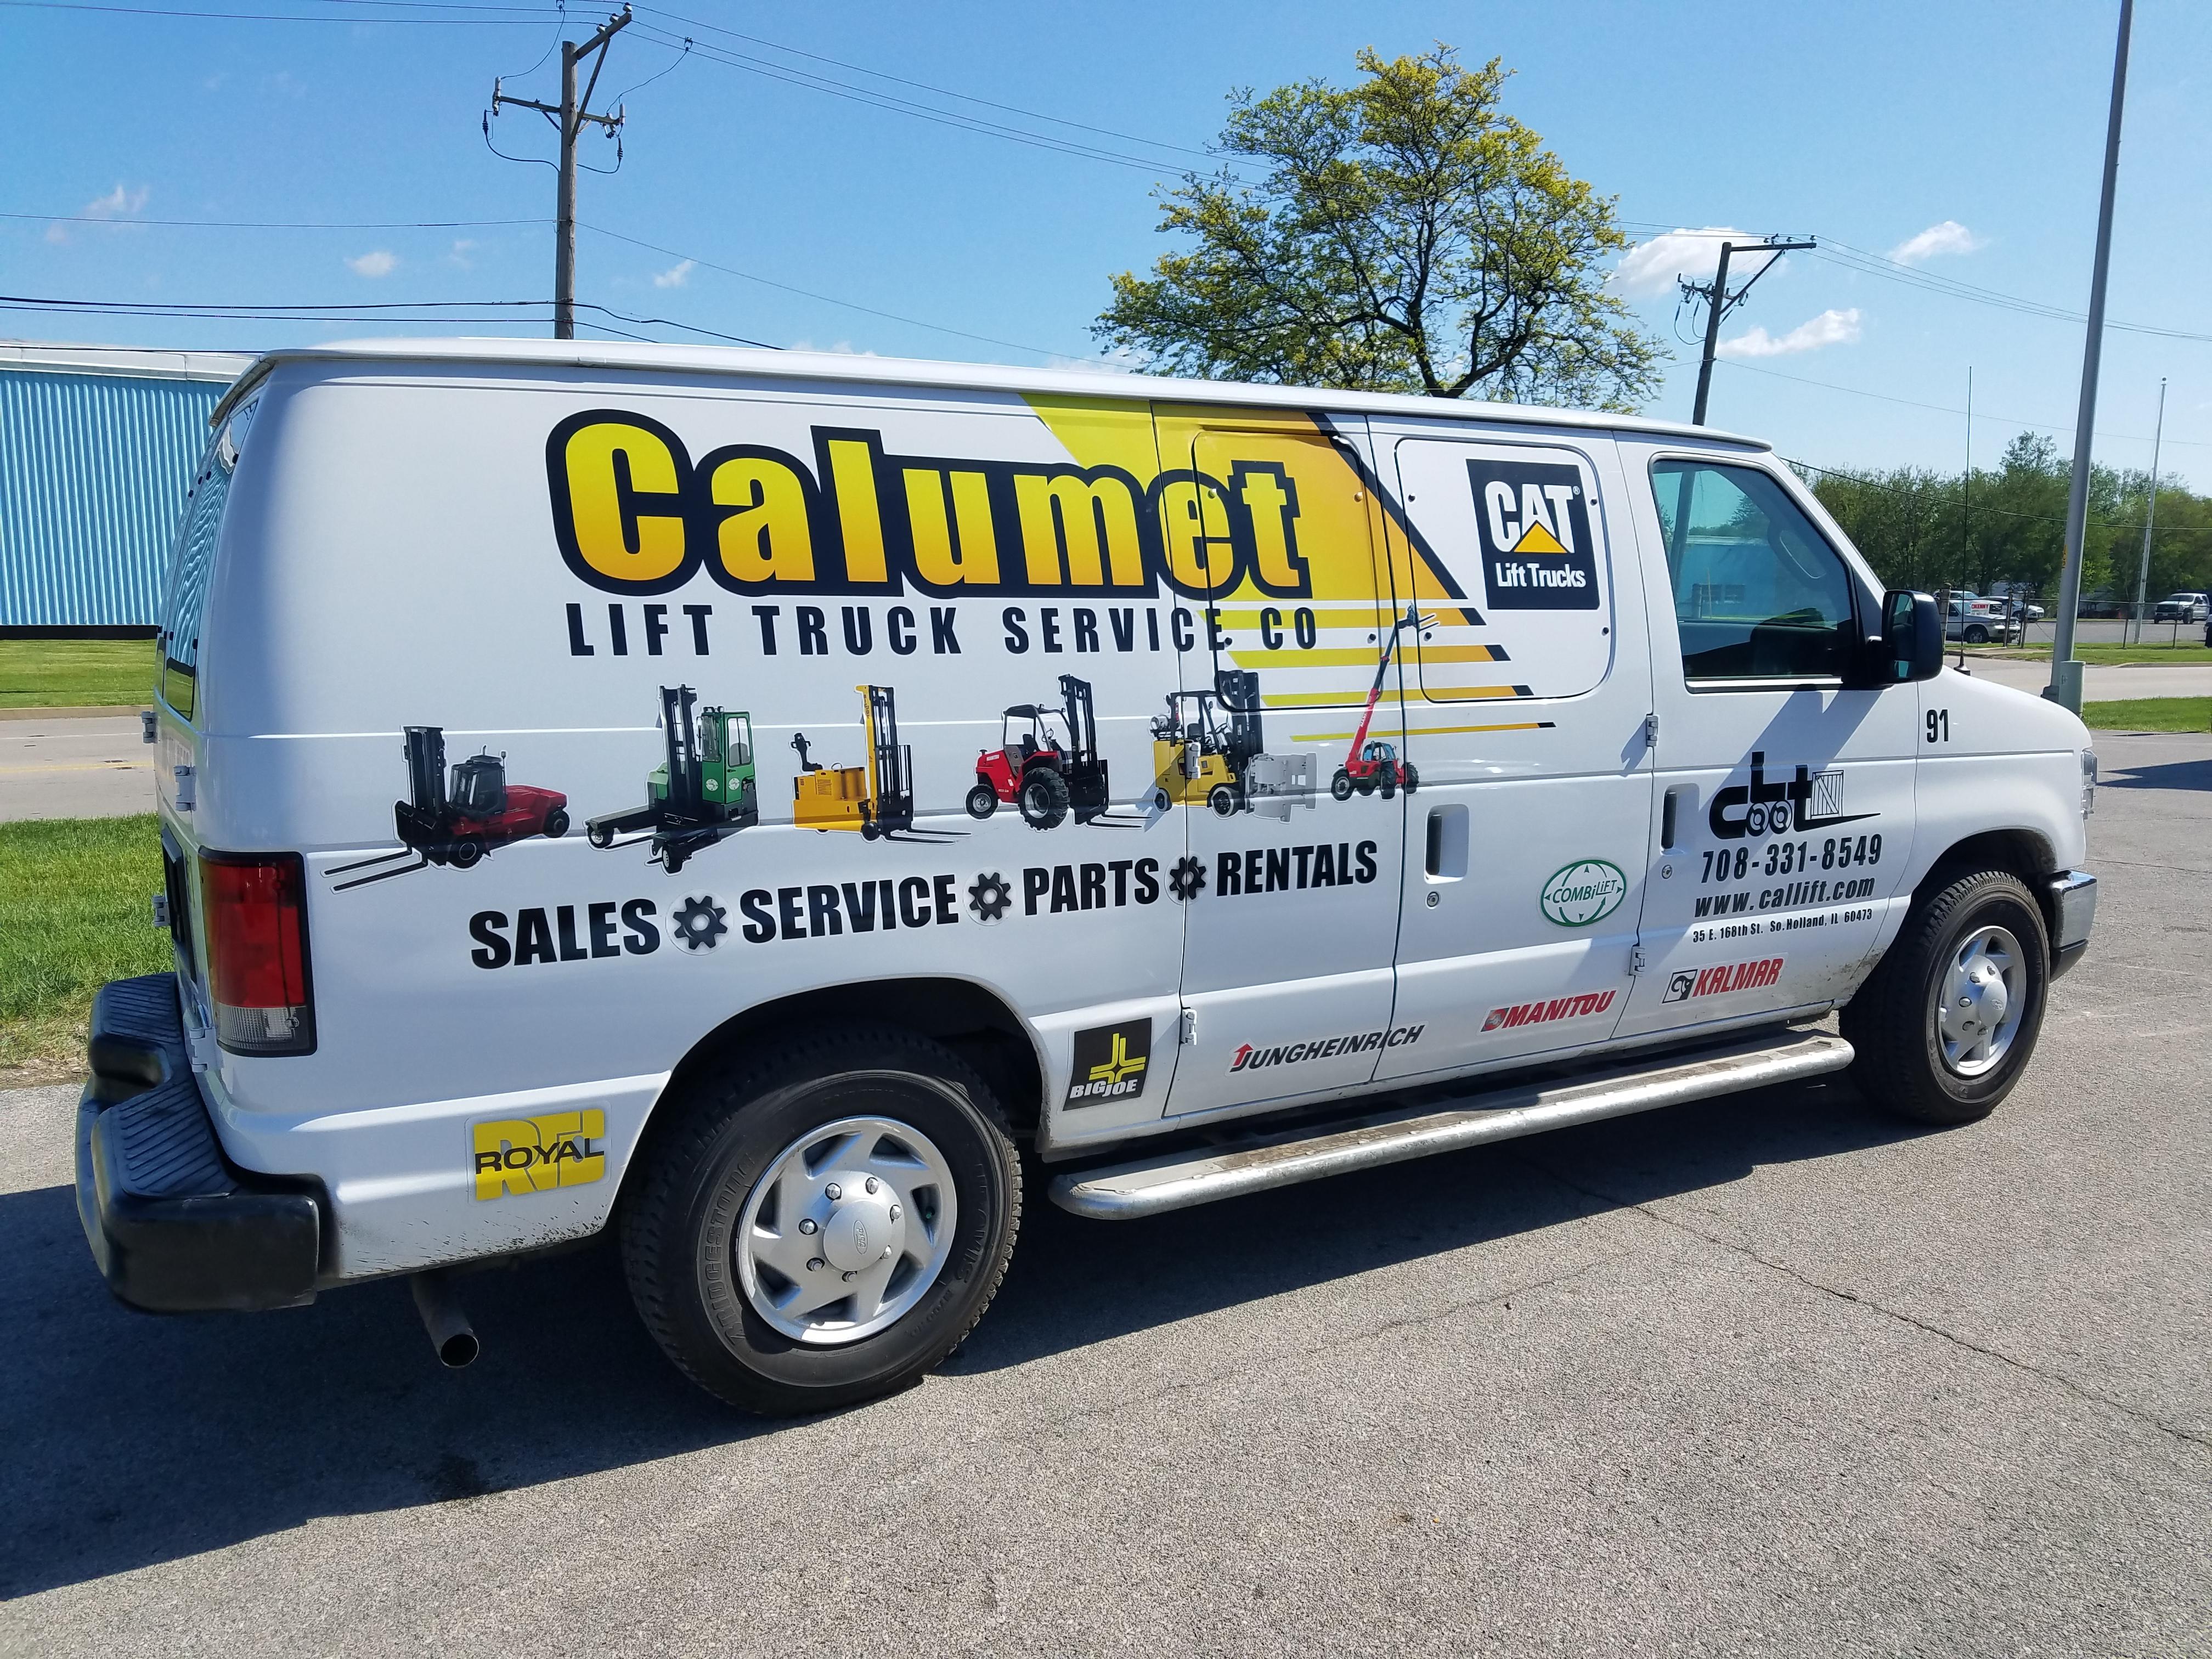 Calumet Lift Truck Service Company Inc. image 1